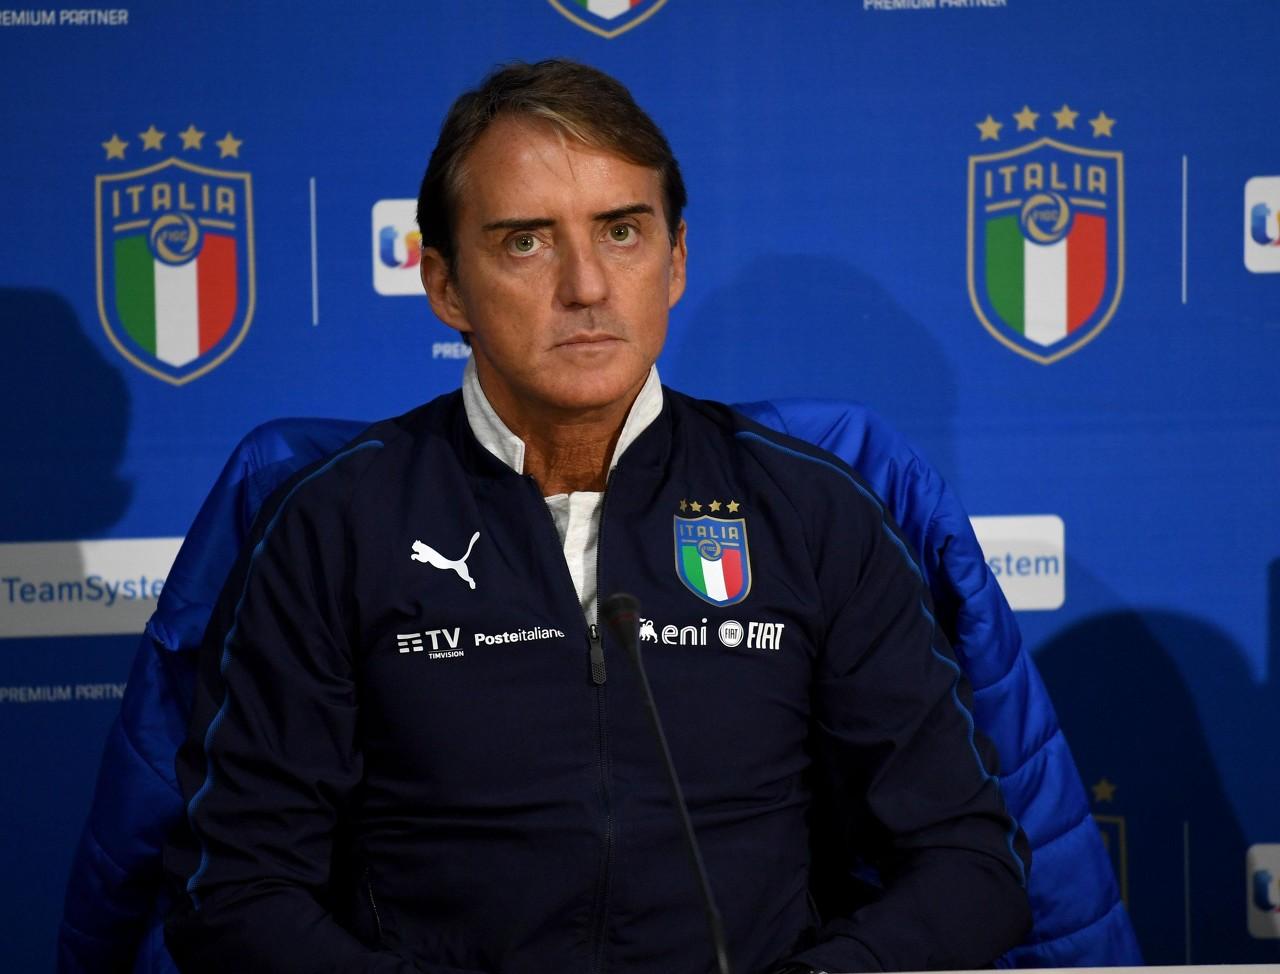 曼奇尼:保加利亚专注于防守反击,这种情况下咱们仍踢得很好